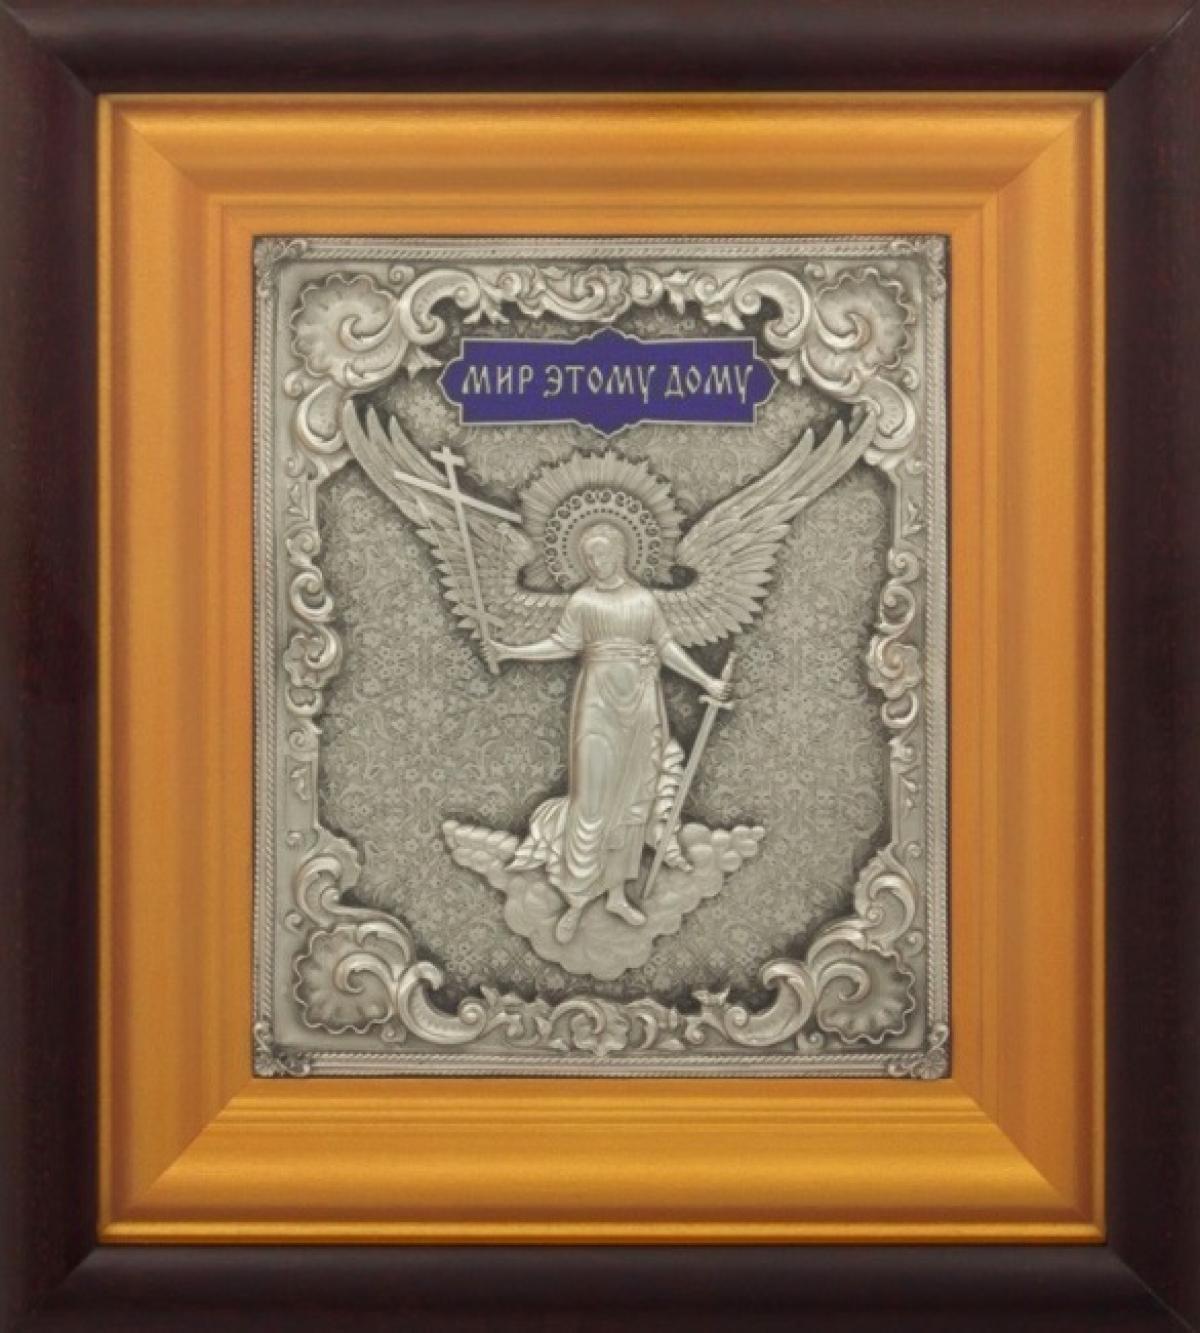 Икона Ангел Хранитель 270*240. Фото №1. | Народный дом Украина